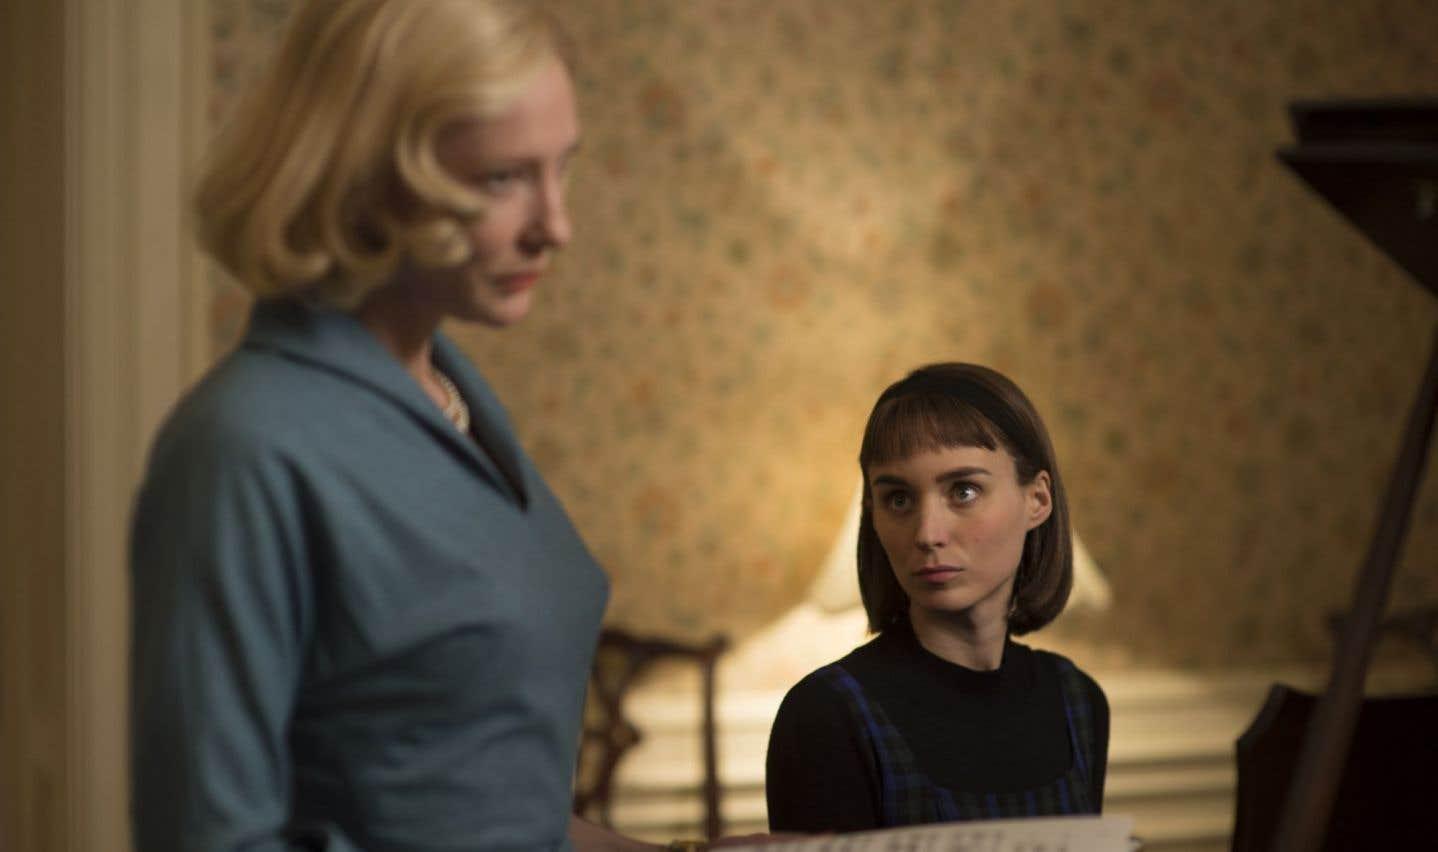 «Carol» vise à ramener sur le devant de la scène la manière délicate dont souvent communiquent les corps.